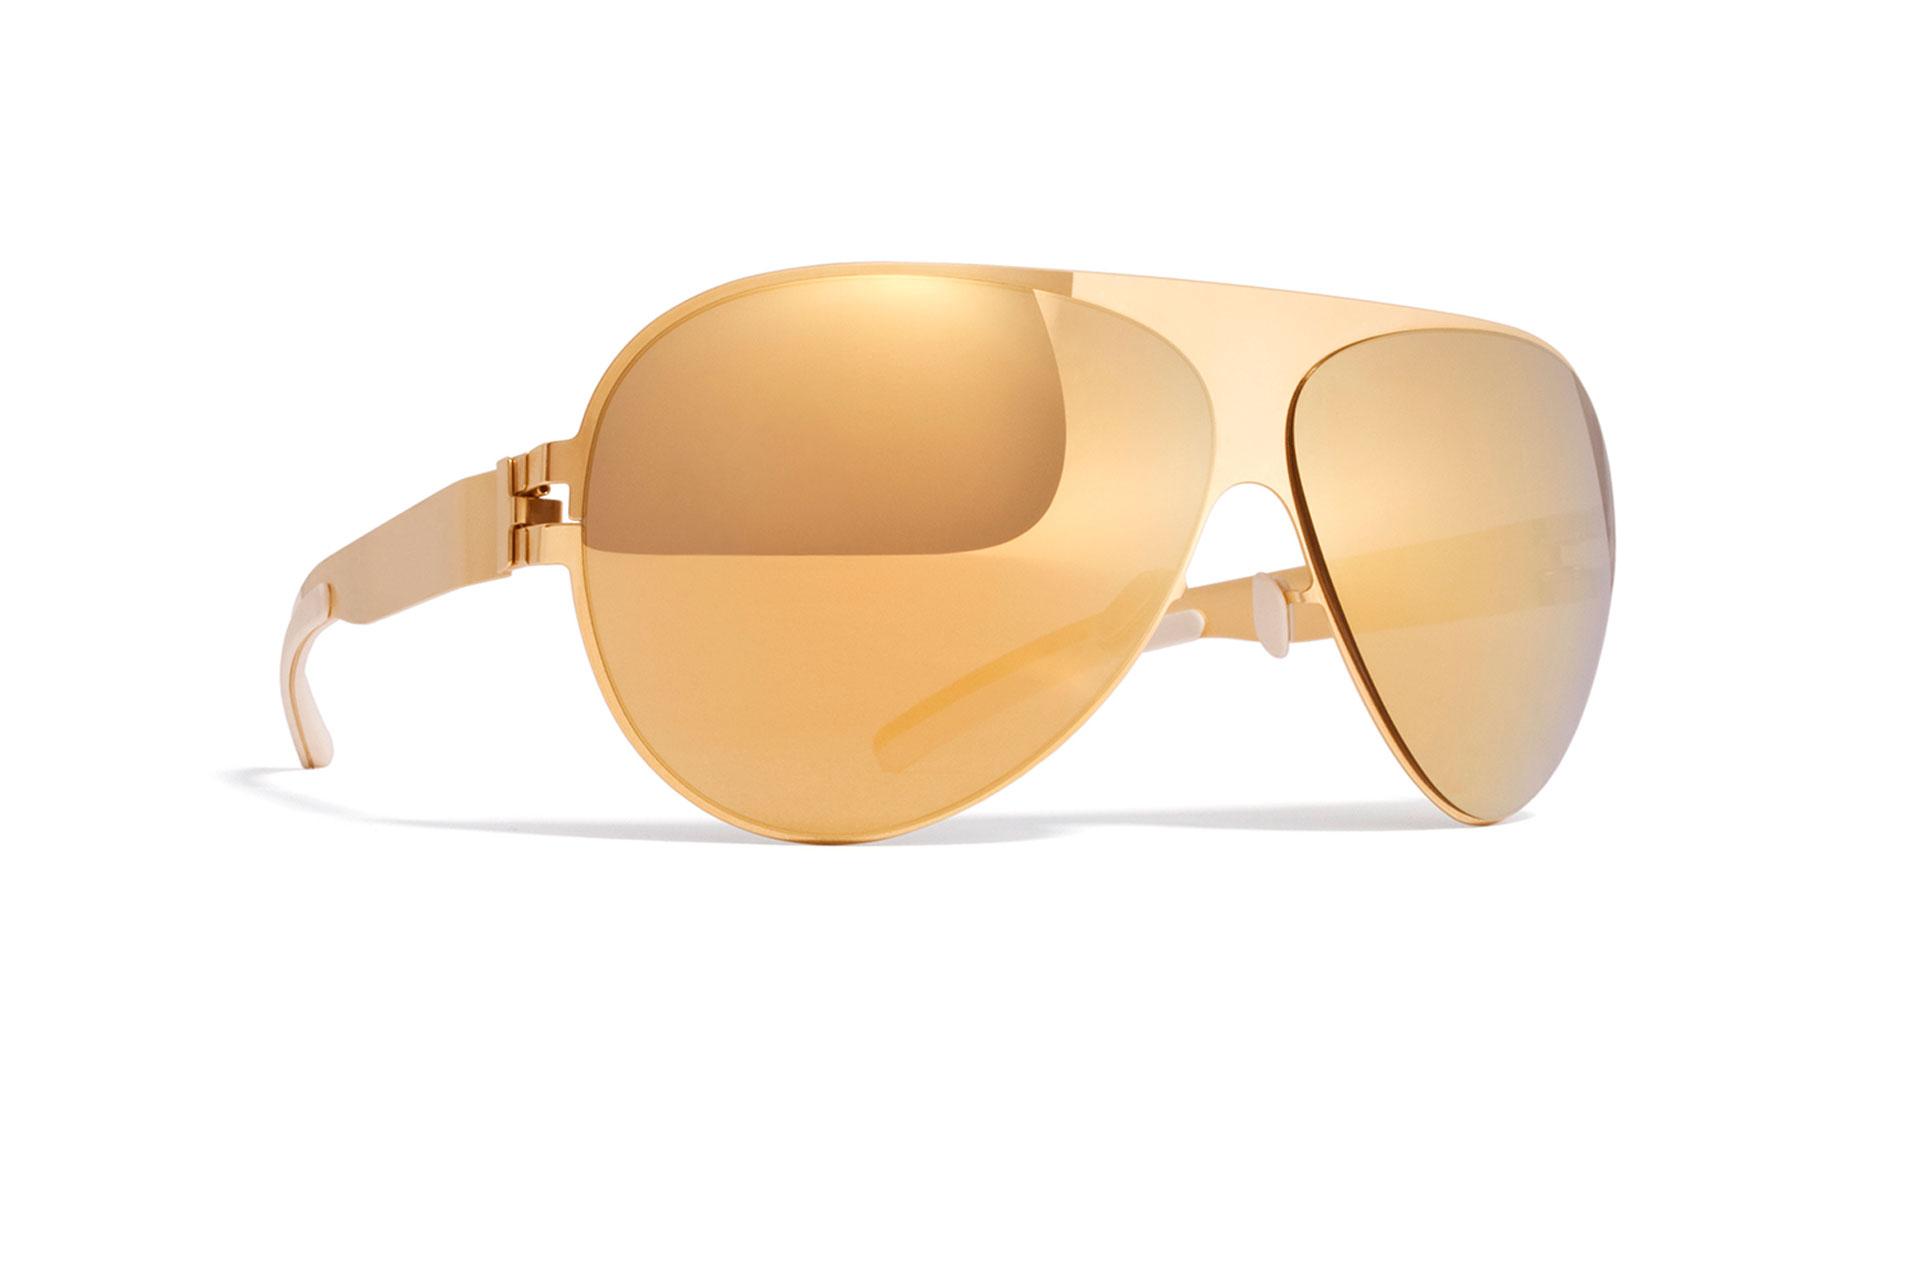 Tout sur les lunettes de soleil: Franz de Mykita & Bernhard